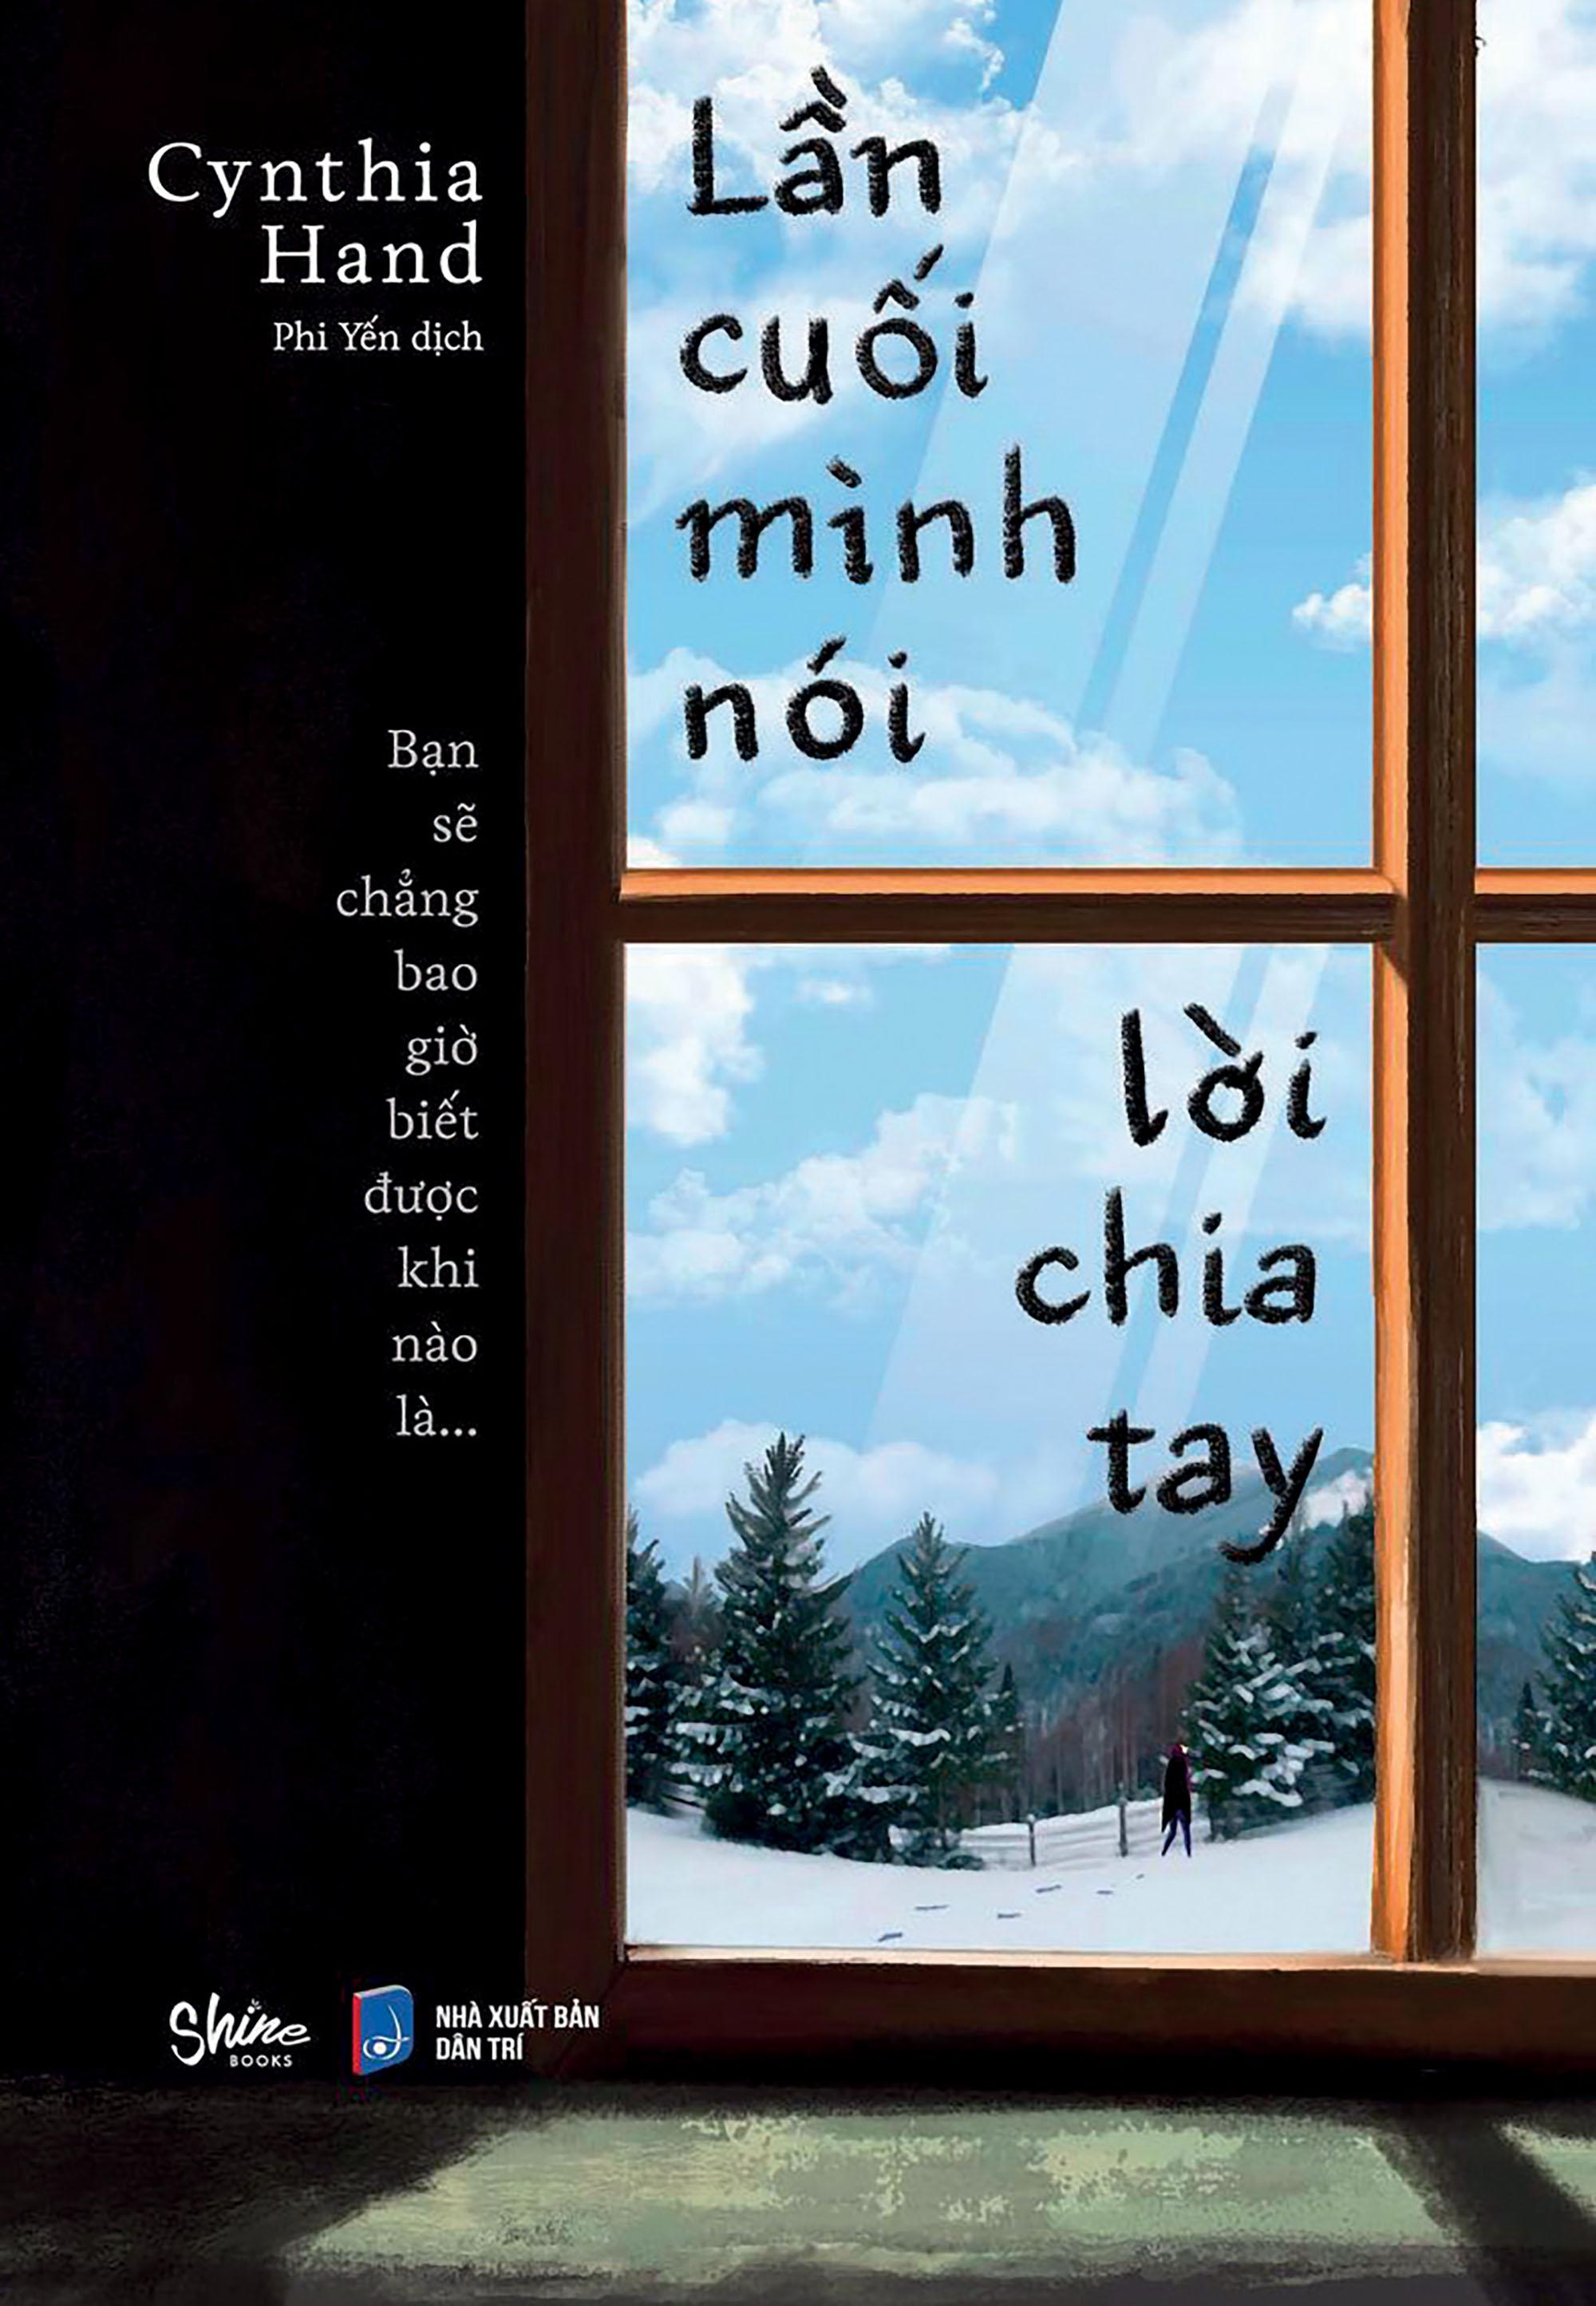 sach-lan-cuoi-minh-noi-loi-chia-tay